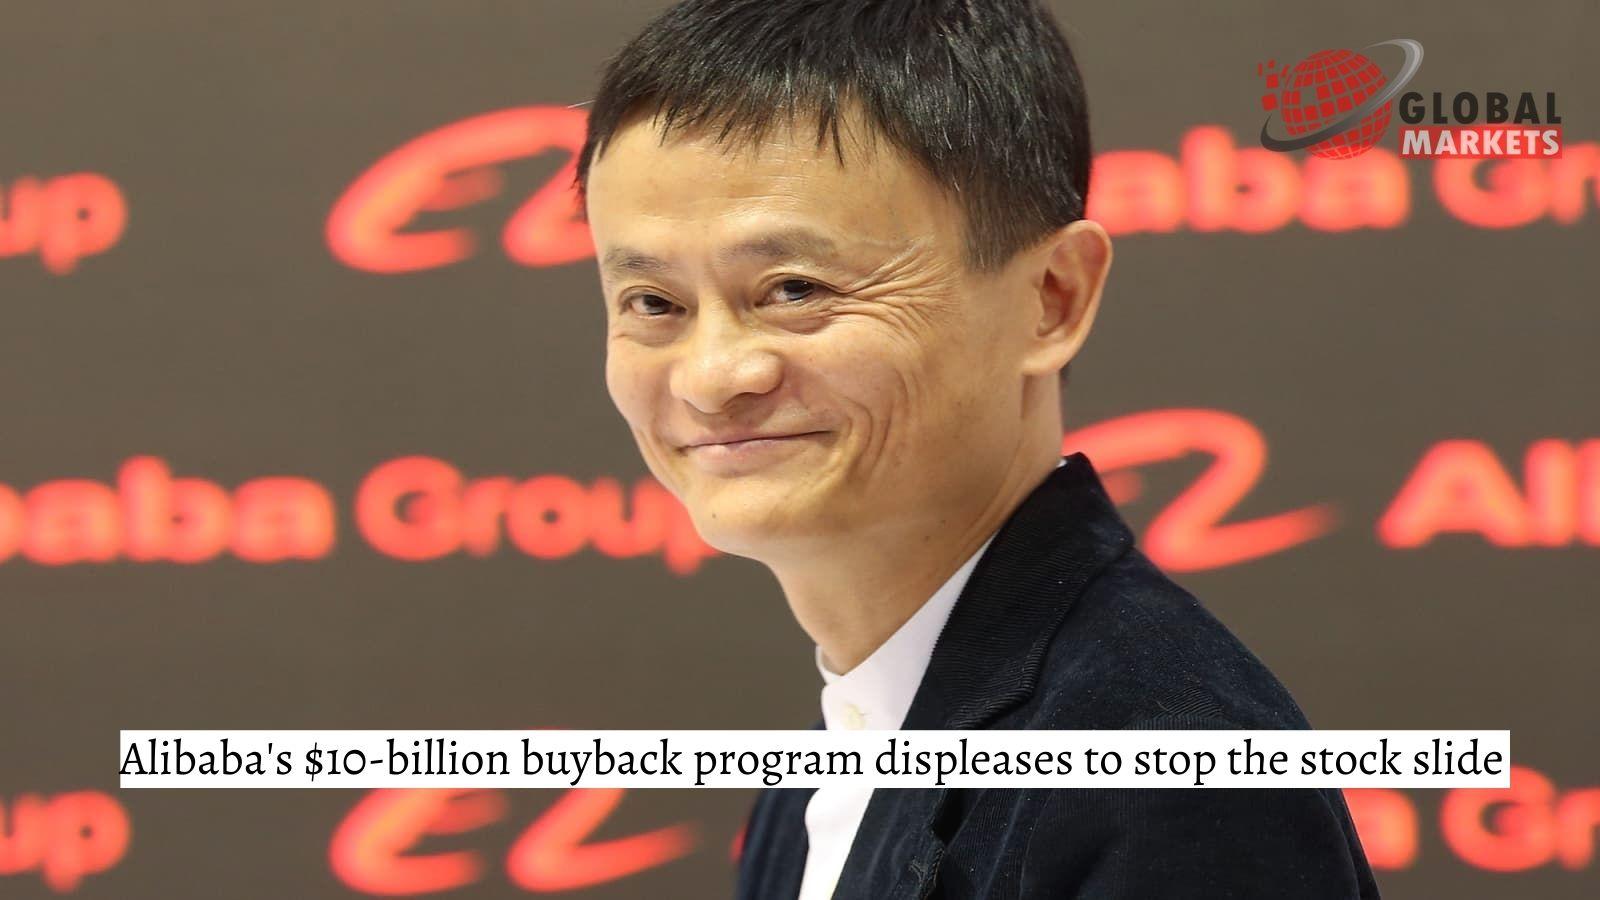 Alibaba's $10-billion buyback program displeases to stop the stock slide